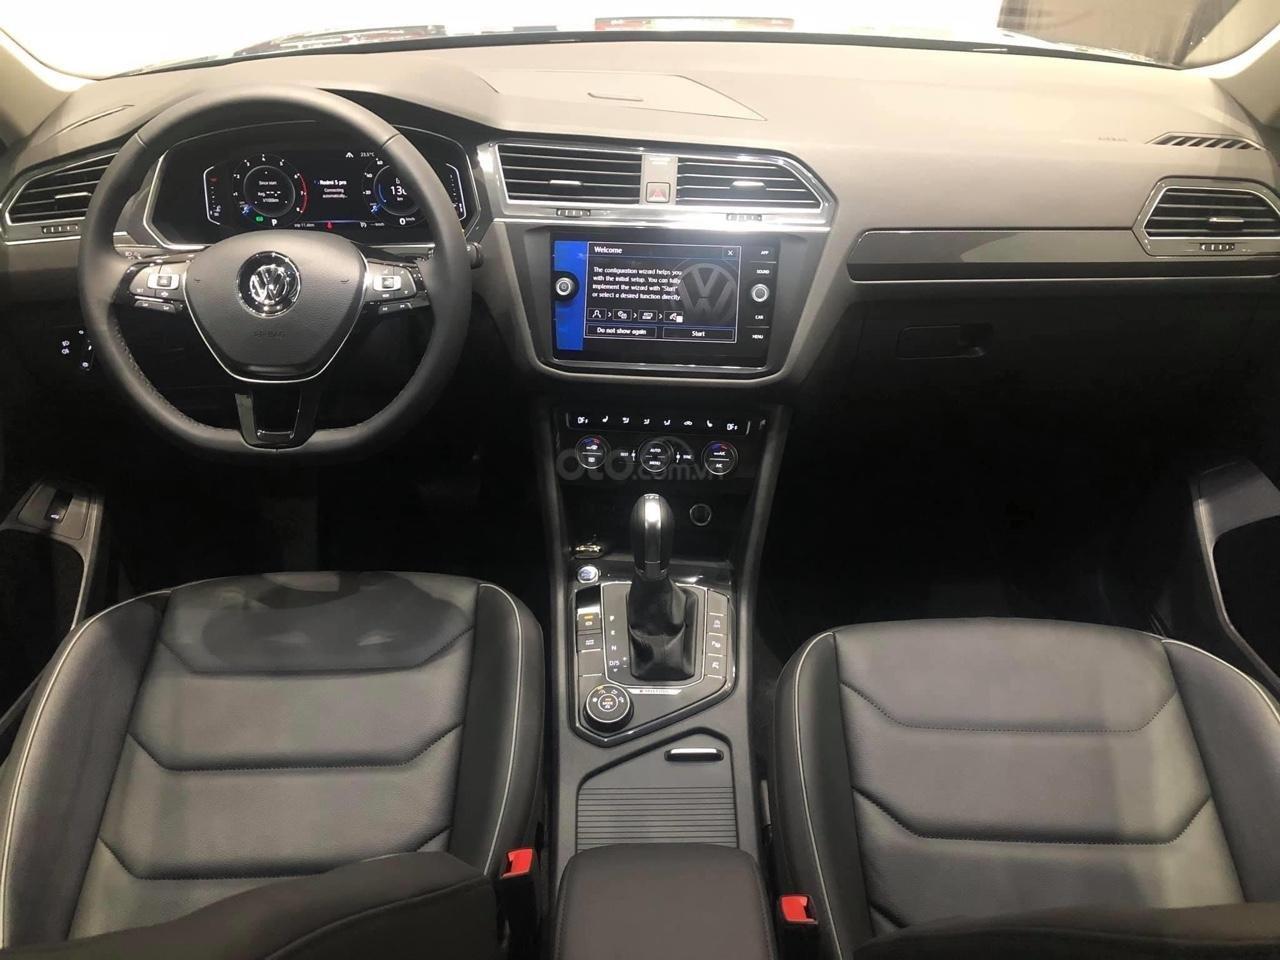 Xe Tiguan Luxury S 2020: Giá bán + Khuyến mãi tốt nhất - Đủ màu giao ngay - Lái thử xe tận nhà - Giao xe toàn quốc (11)